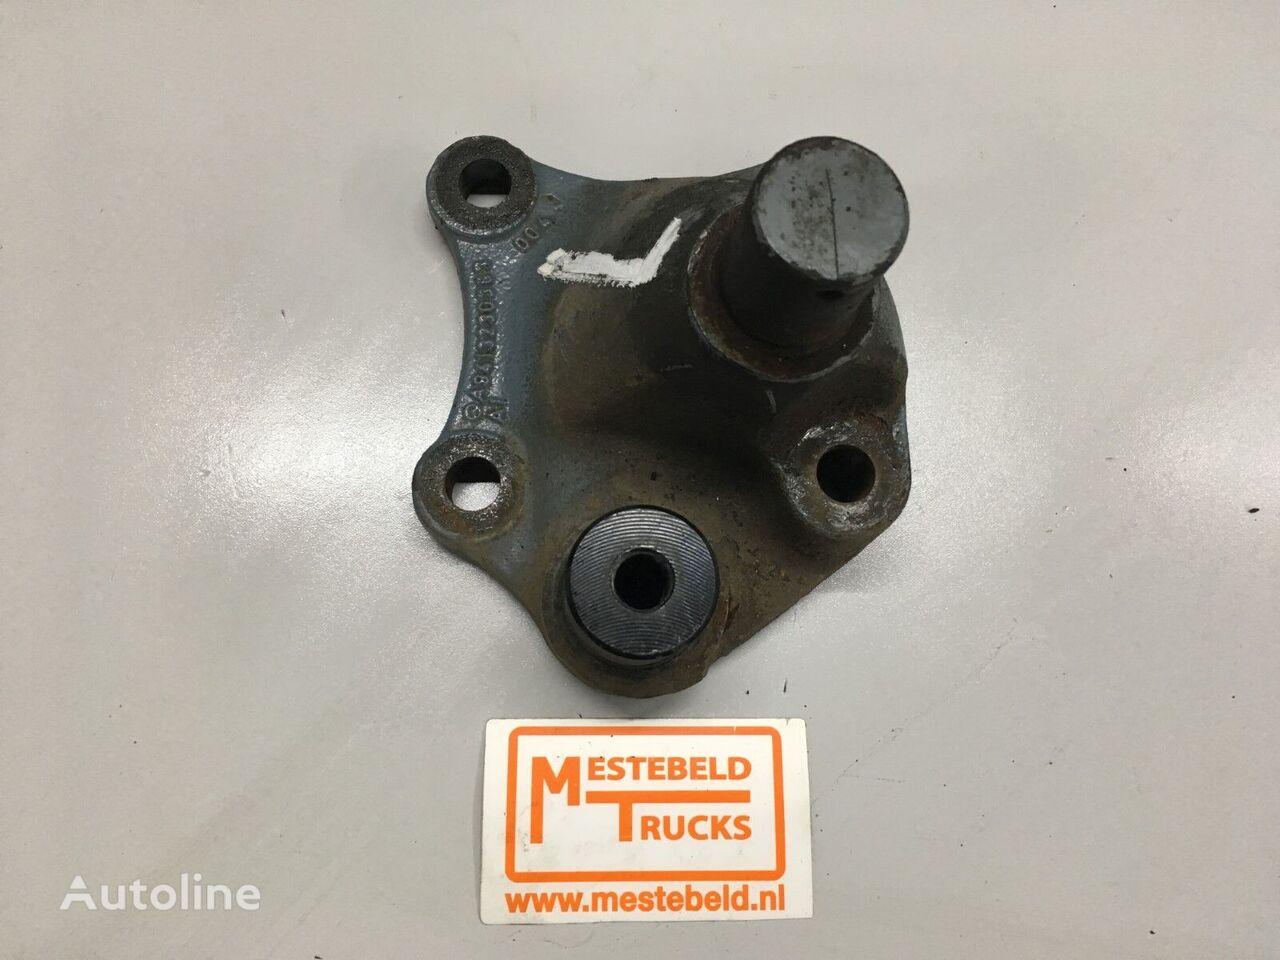 Stabilisatorsteun en kantelcilindersteun MERCEDES-BENZ fasteners for truck